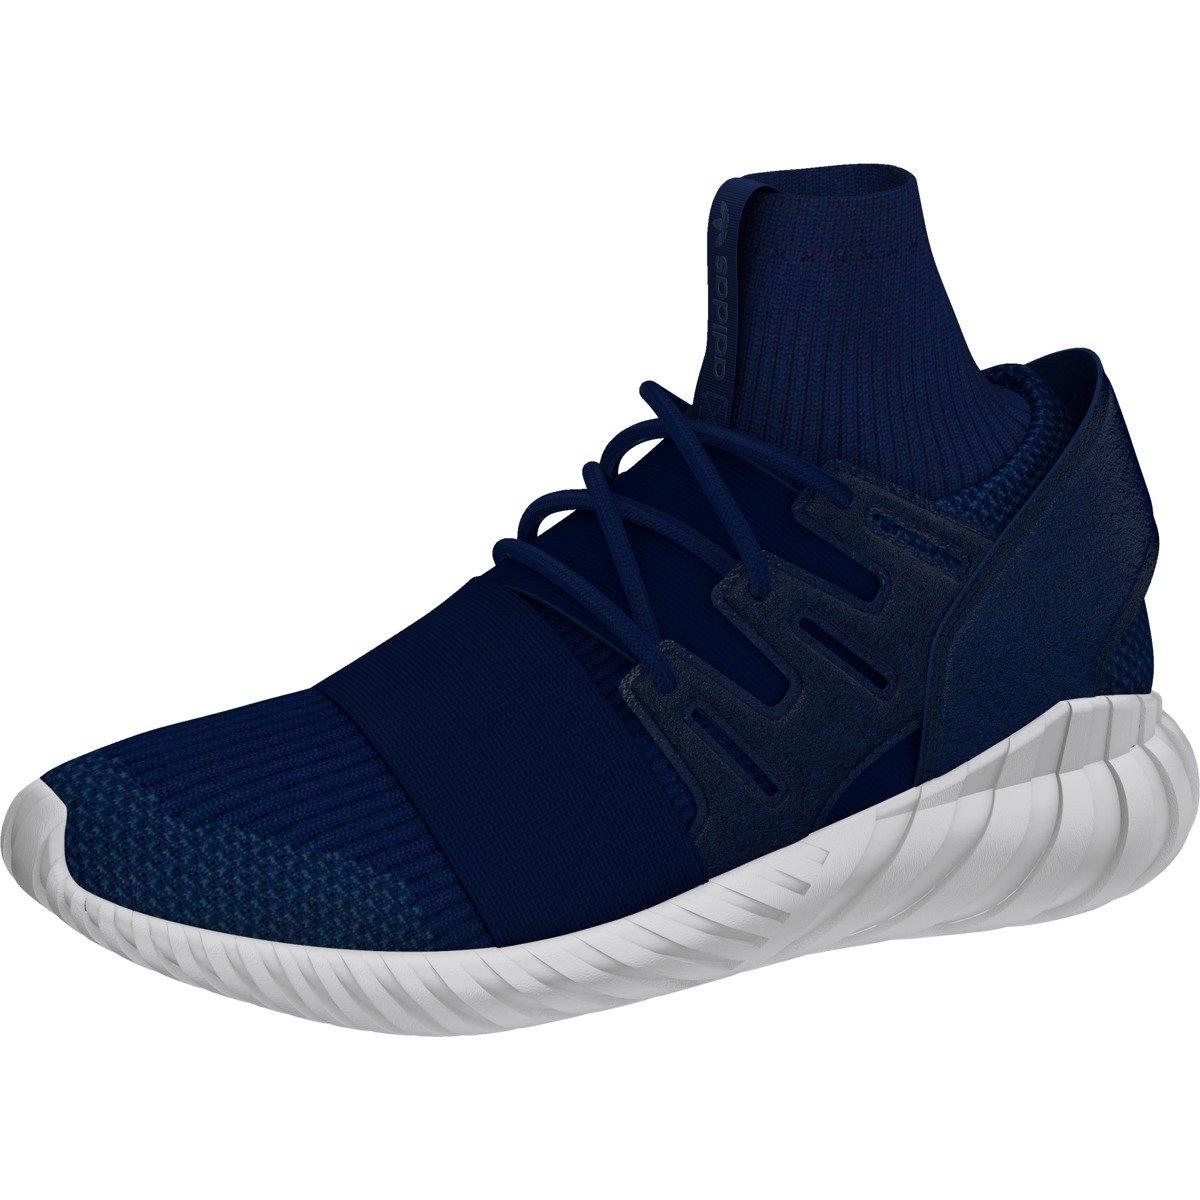 Adidas Tubular Basketball Shoes